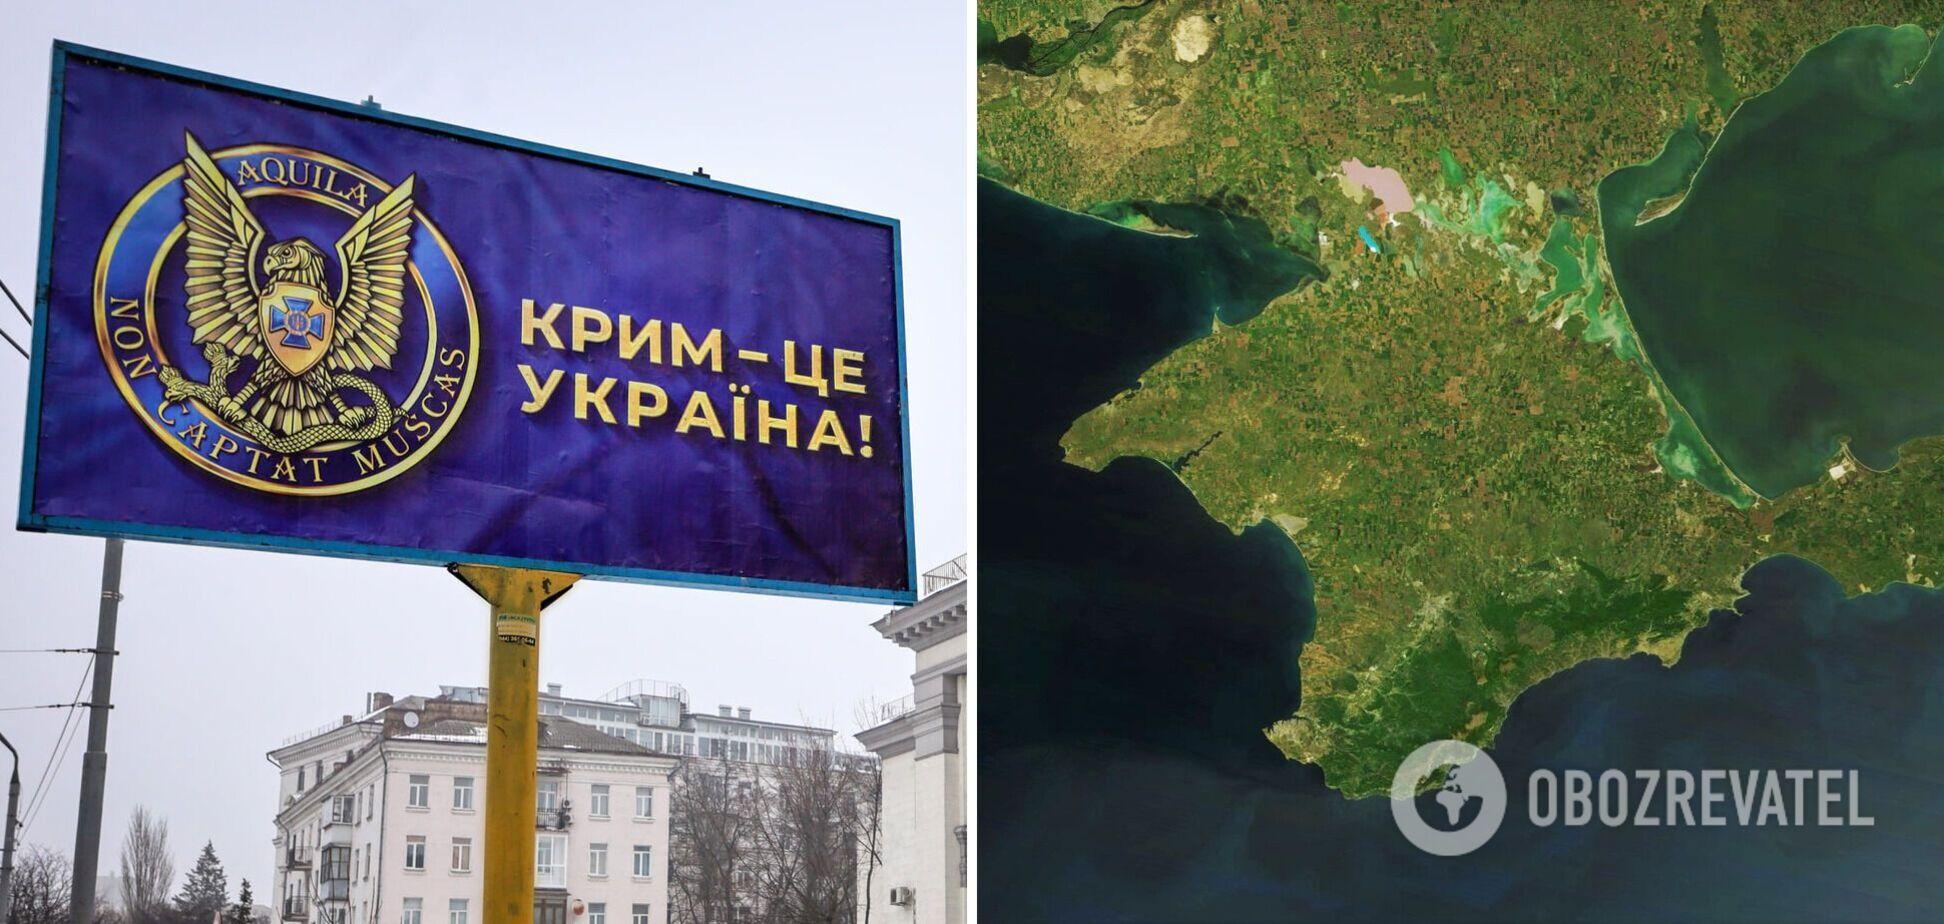 В Украине приняли стратегию по возвращению Крыма: озвучены приоритеты